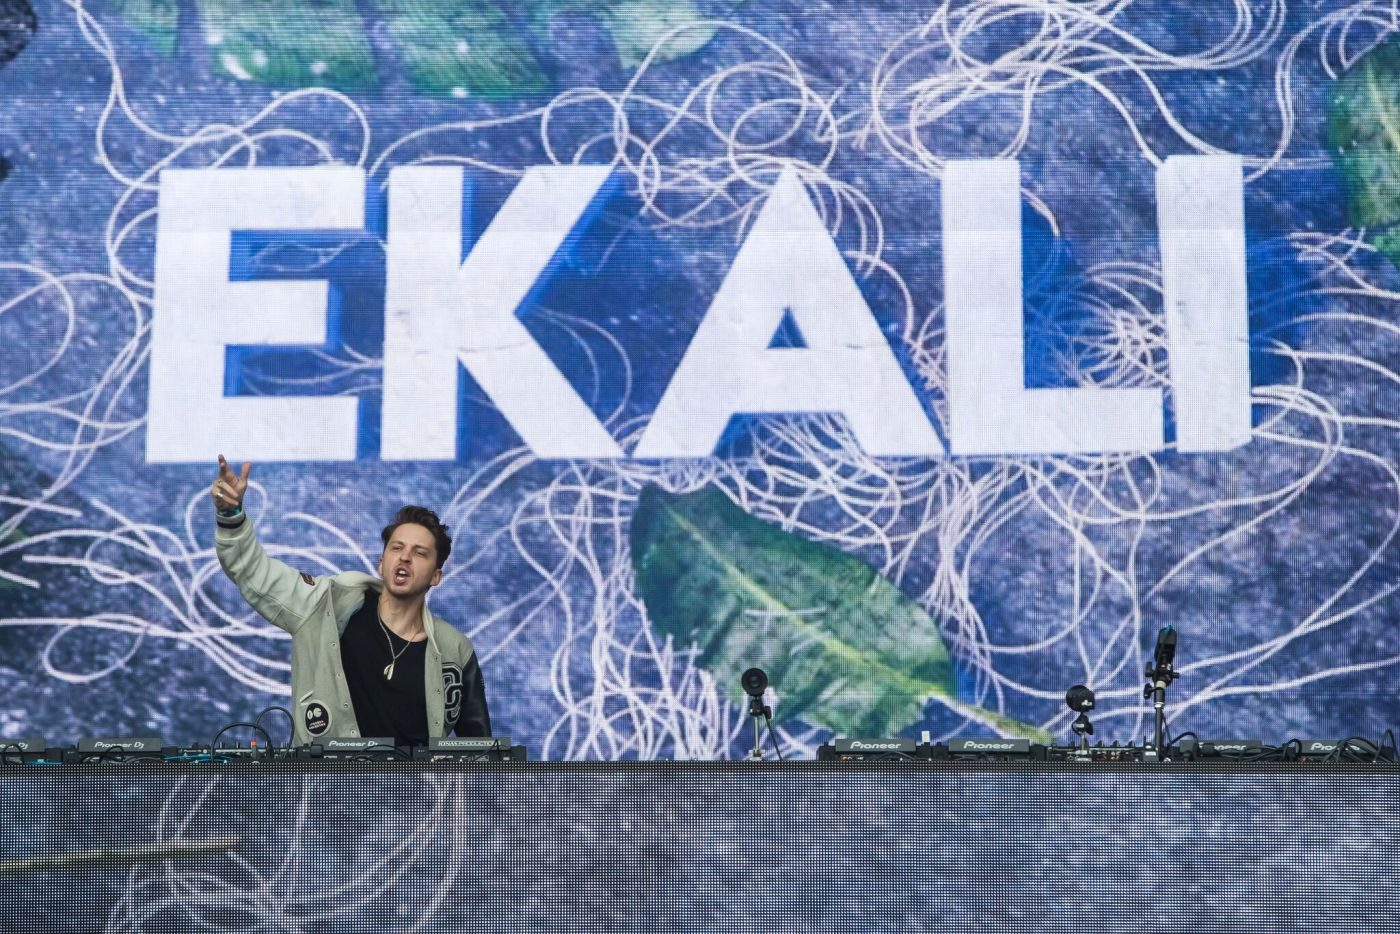 Ekali - Shaky Beats